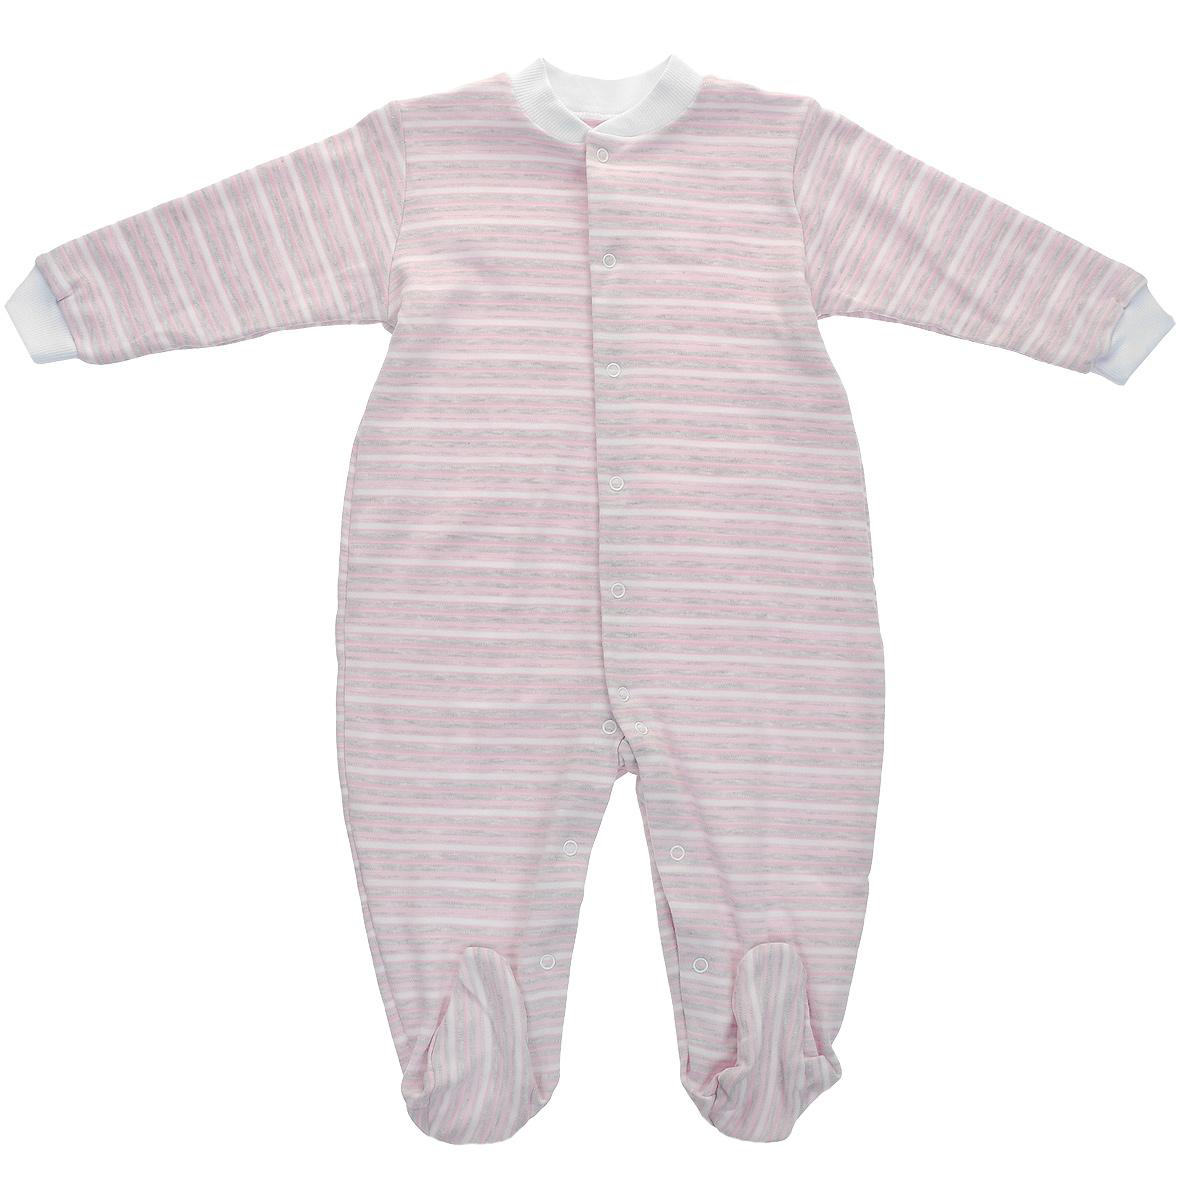 Комбинезон детский Фреш Стайл, цвет: розовый, светло-серый, белый. 39-526. Размер 74, 9 месяцев39-526Детский комбинезон Фреш Стайл станет идеальным дополнением к гардеробу вашего ребенка. Изготовленный из натурального хлопка - интерлок-пенье, он необычайно мягкий и приятный на ощупь, не раздражает нежную кожу ребенка и хорошо вентилируется. Комбинезон с длинными рукавами, закрытыми ножками и небольшим воротником-стойкой застегиваются спереди на металлические кнопки по всей длине и на ластовице, что облегчает переодевание ребенка и смену подгузника. Горловина и манжеты дополнены трикотажной эластичной резинкой. Оформлен комбинезон принтом в полоску.Оригинальное сочетание тканей и забавный рисунок делают этот предмет детской одежды оригинальным и стильным.